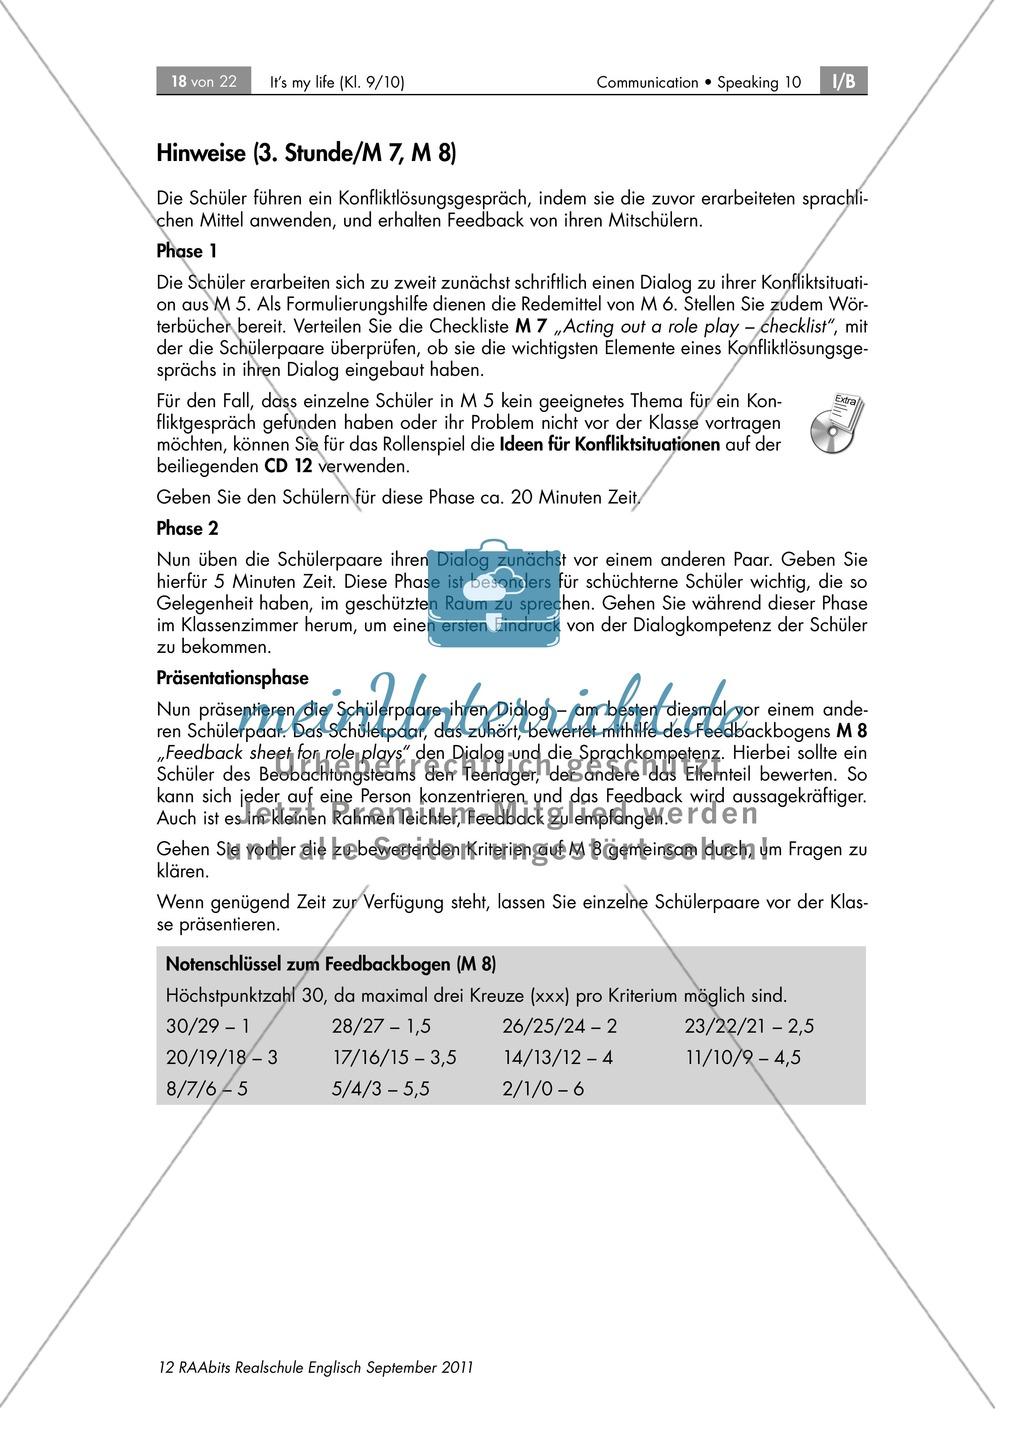 Rollenspiel zum Thema Konfliktlösungsgespräch zwischen Jugendlichem und Eltern(teil), enthält Checklist für das Rollenspiel und Feedback Sheets Preview 2